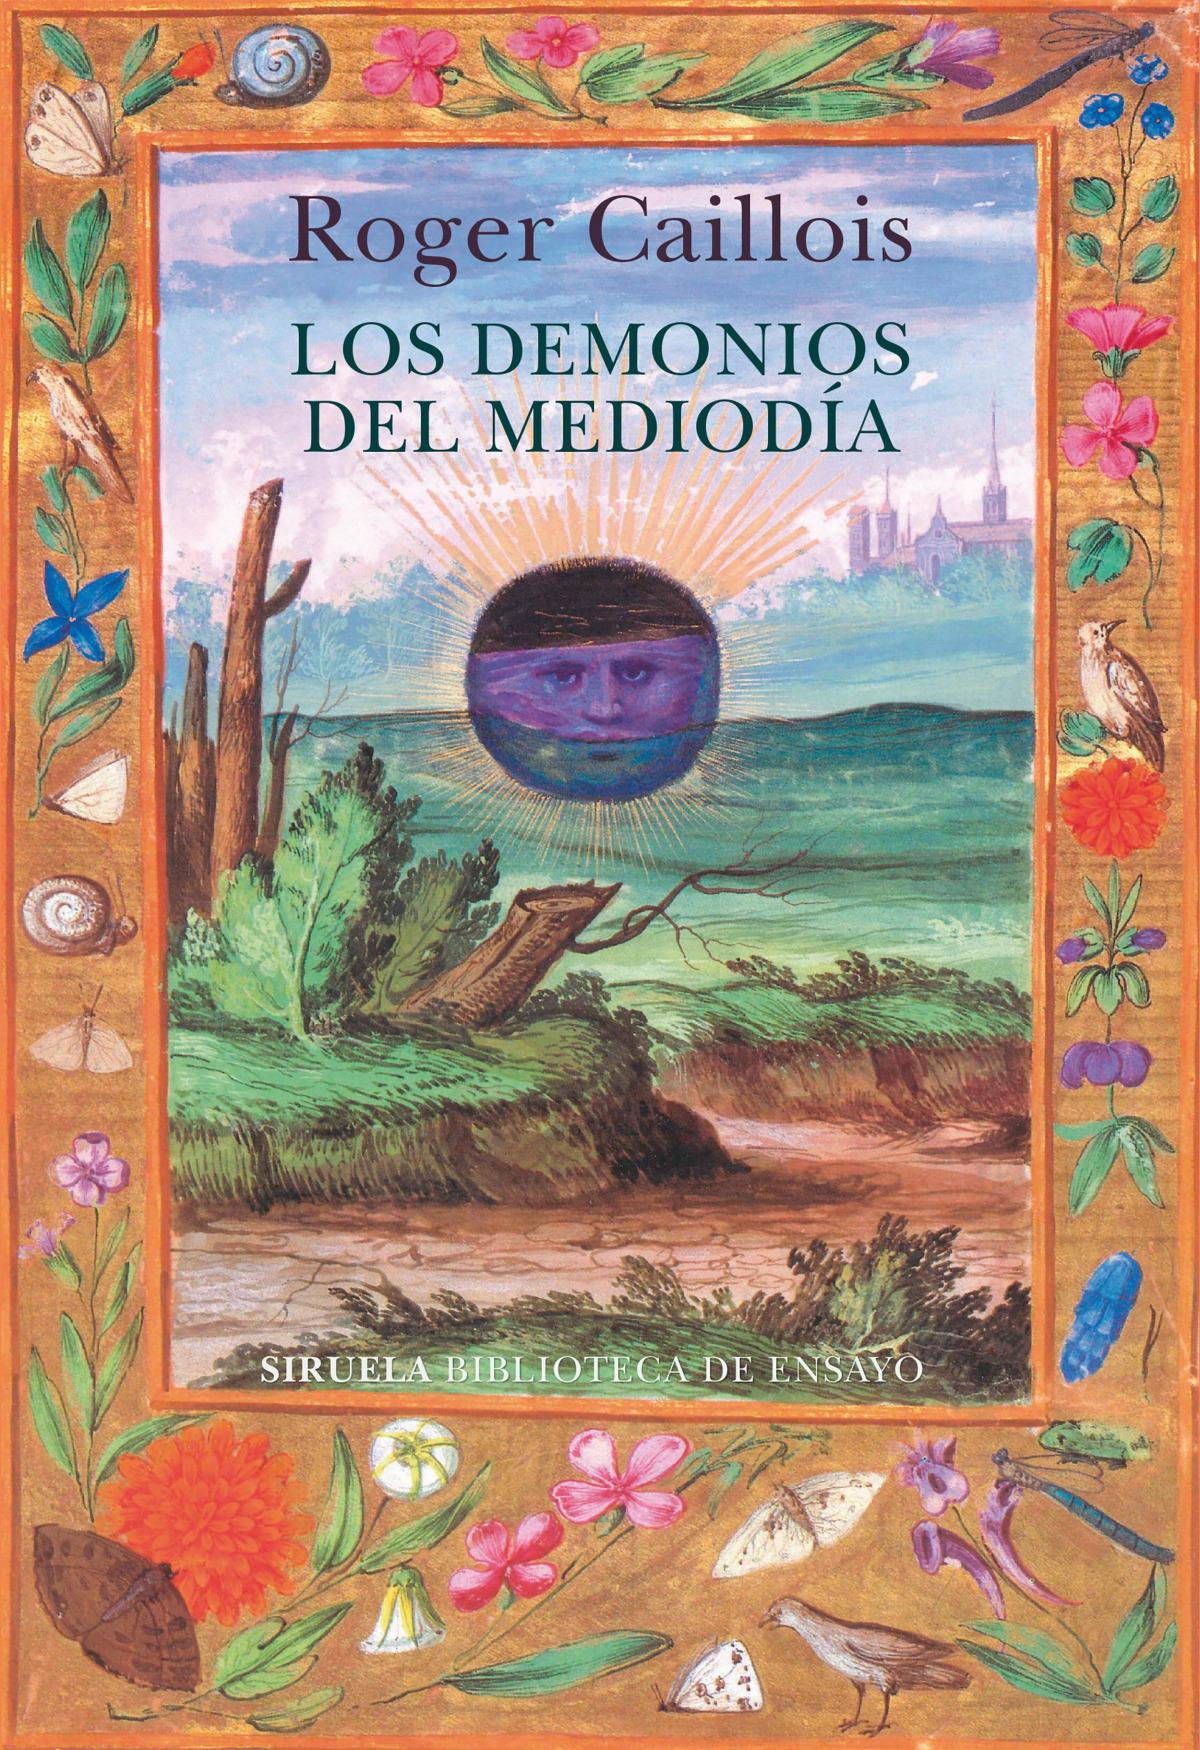 Los demonios del mediodáa